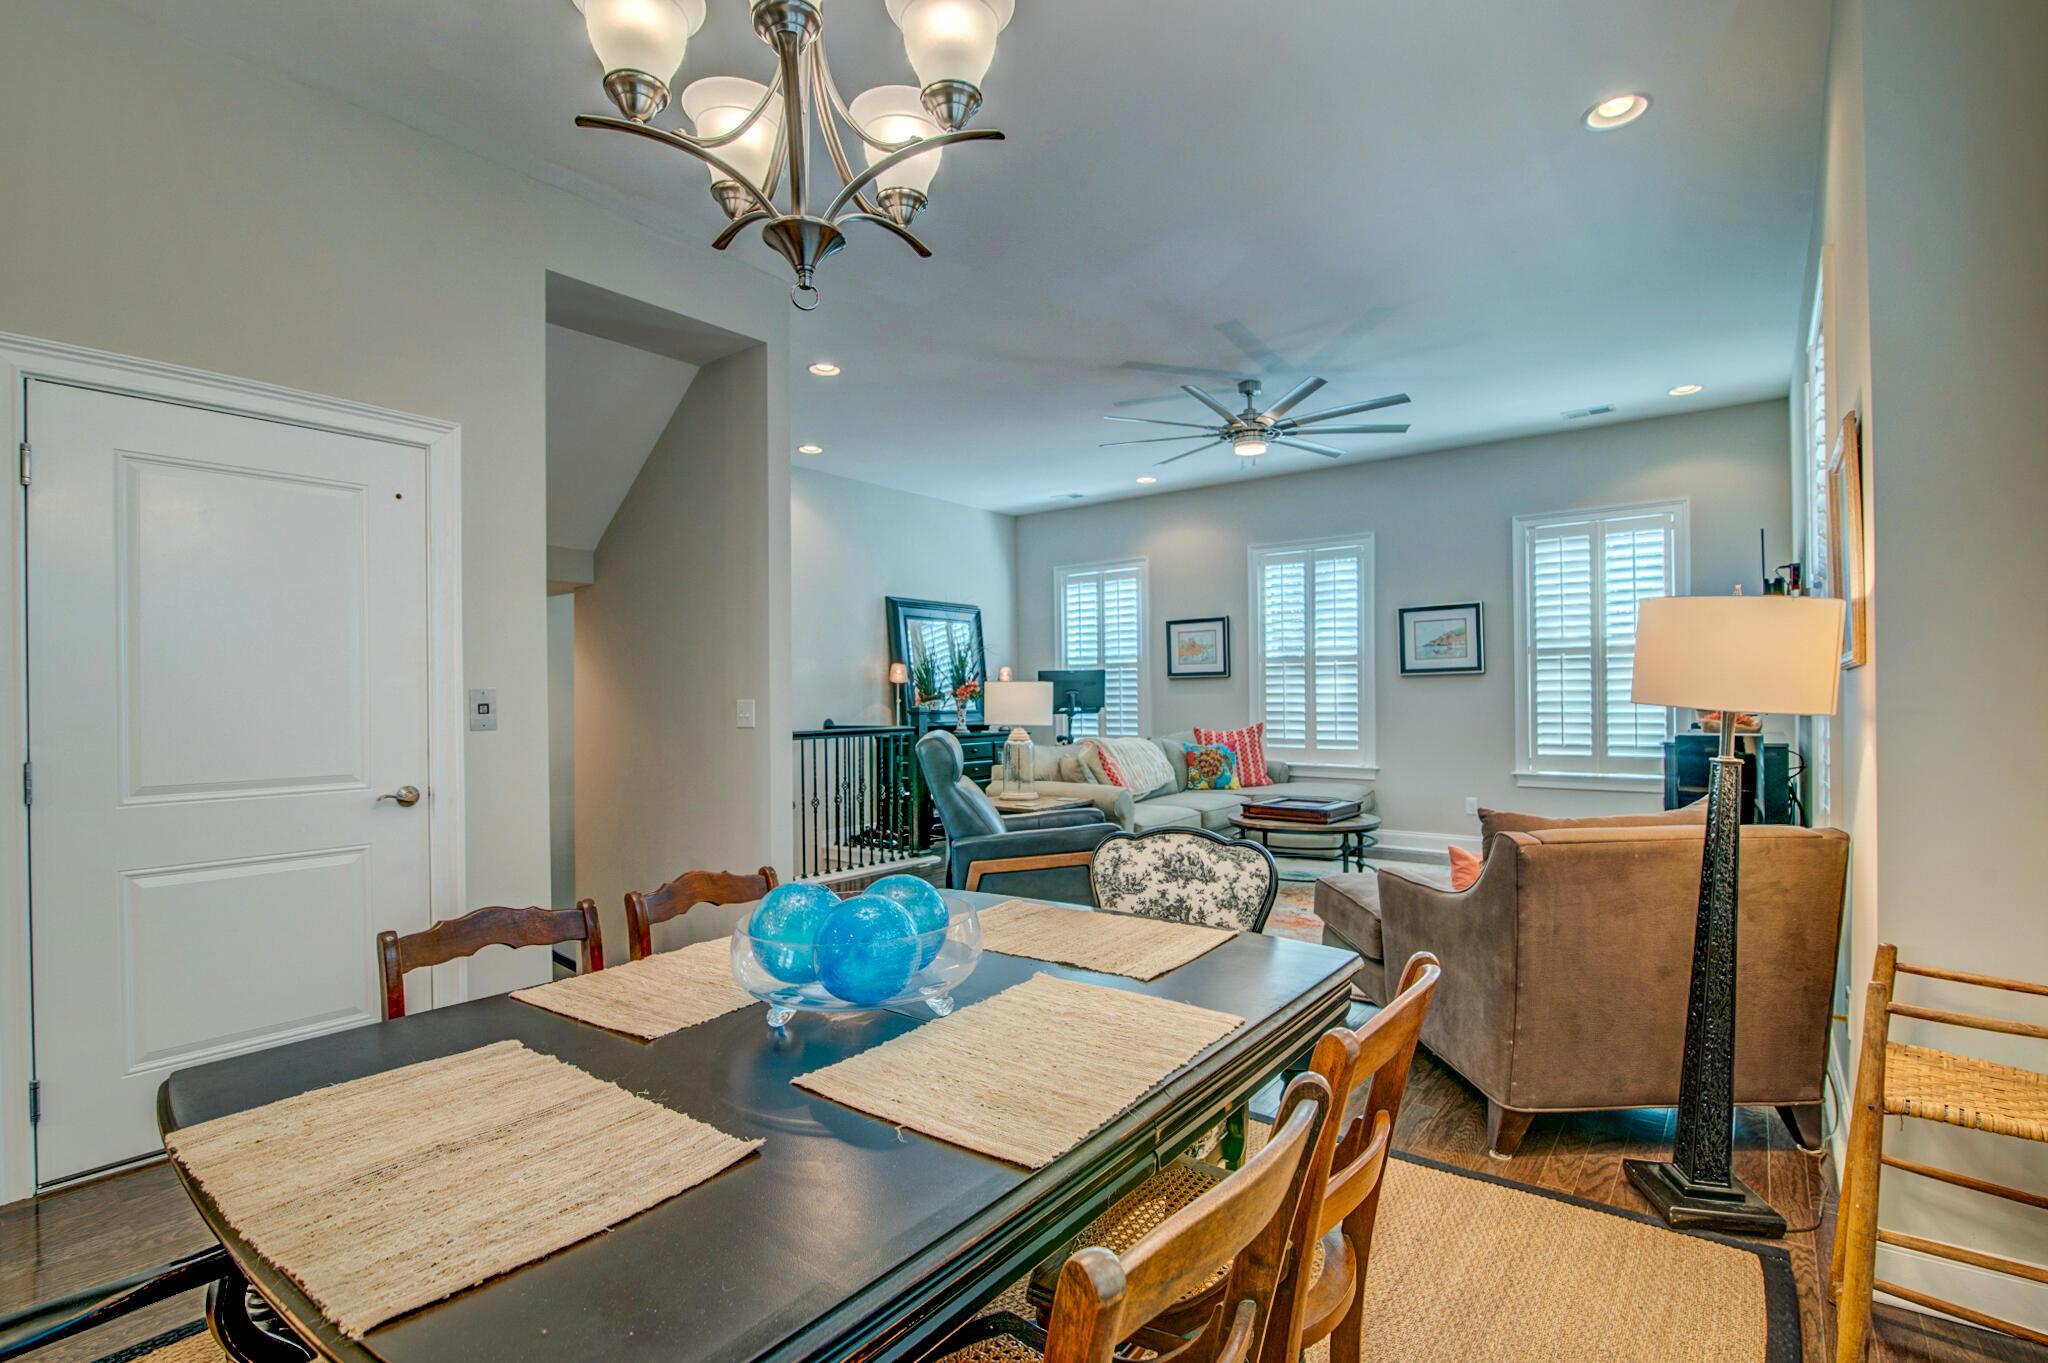 Whitesides Park Homes For Sale - 1102 Alagash Way, Mount Pleasant, SC - 24